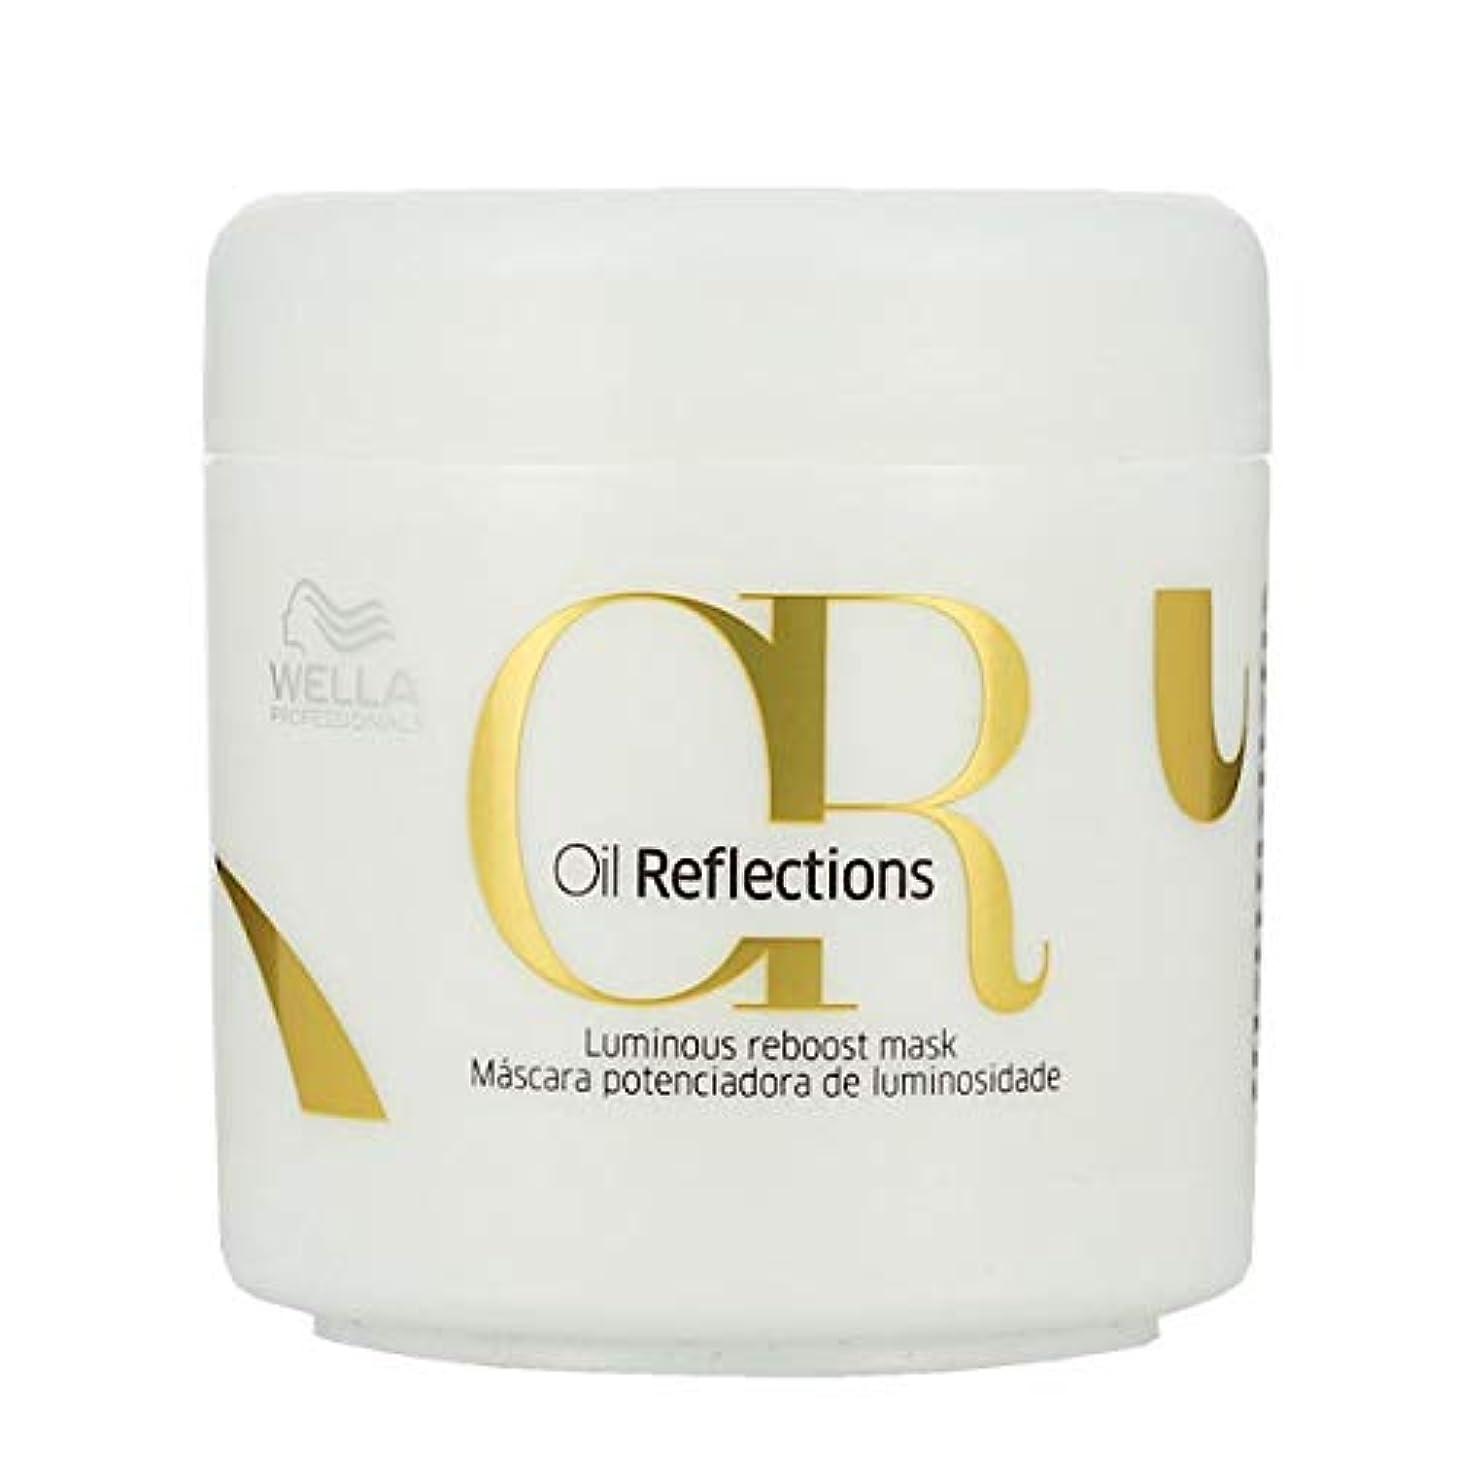 作者定数範囲Wella Professionals Oil Reflections Luminous Reboost Mask ウエラ オイルリフレクション マスク 150 ml [並行輸入品]